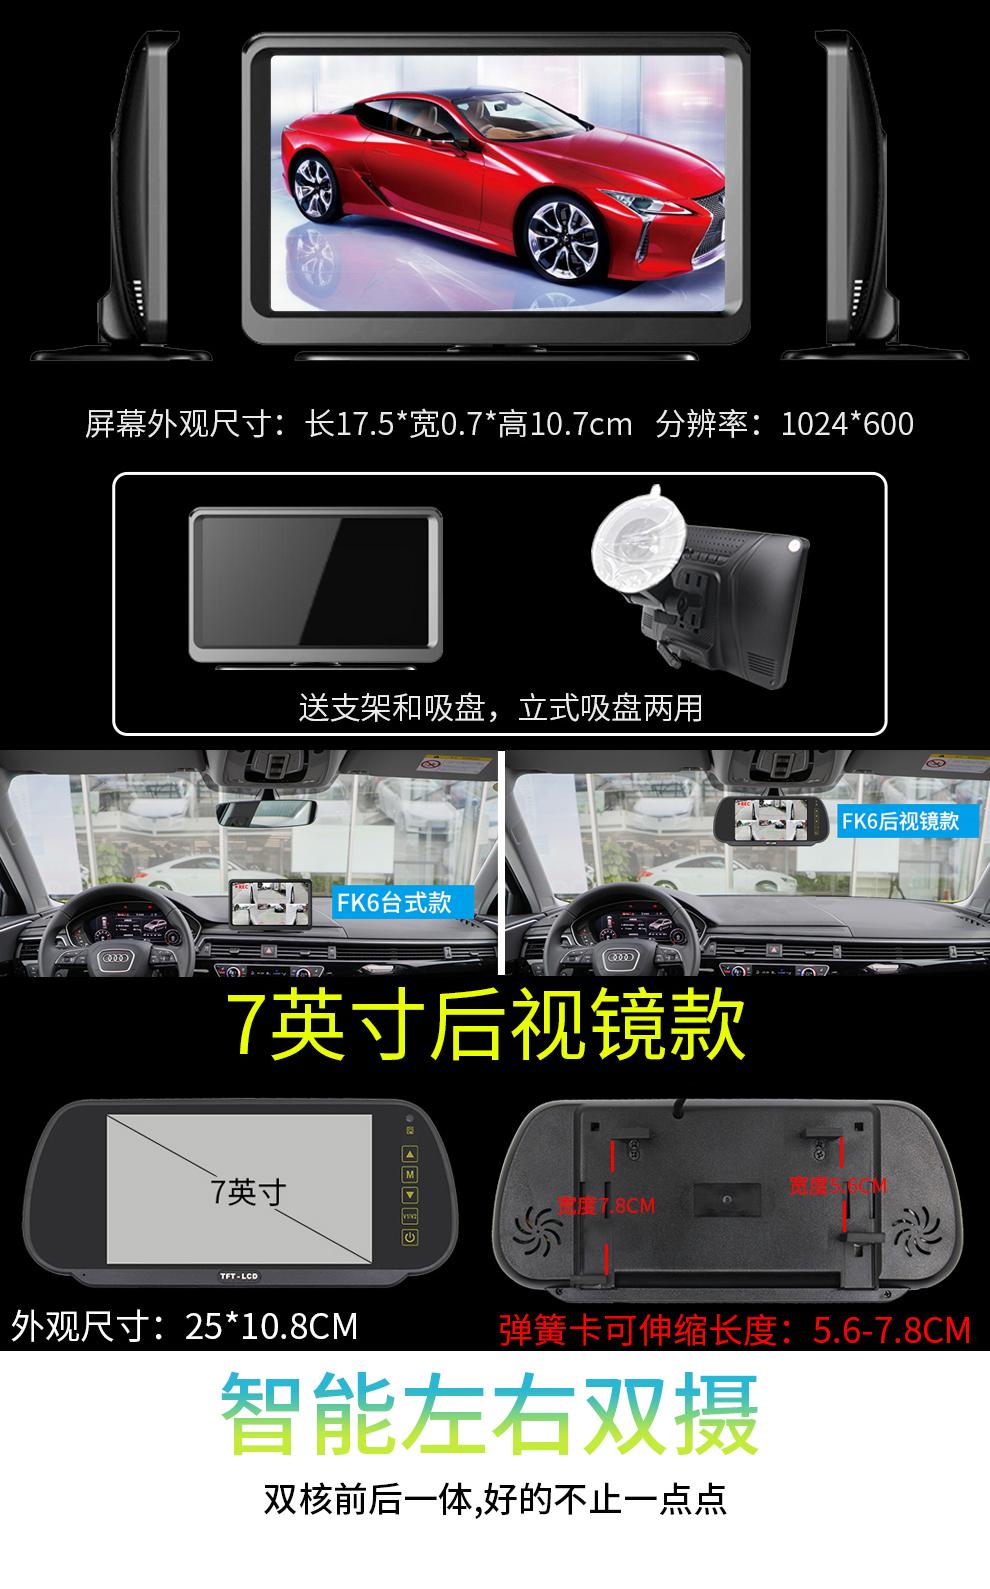 FK6-4G版京東_12